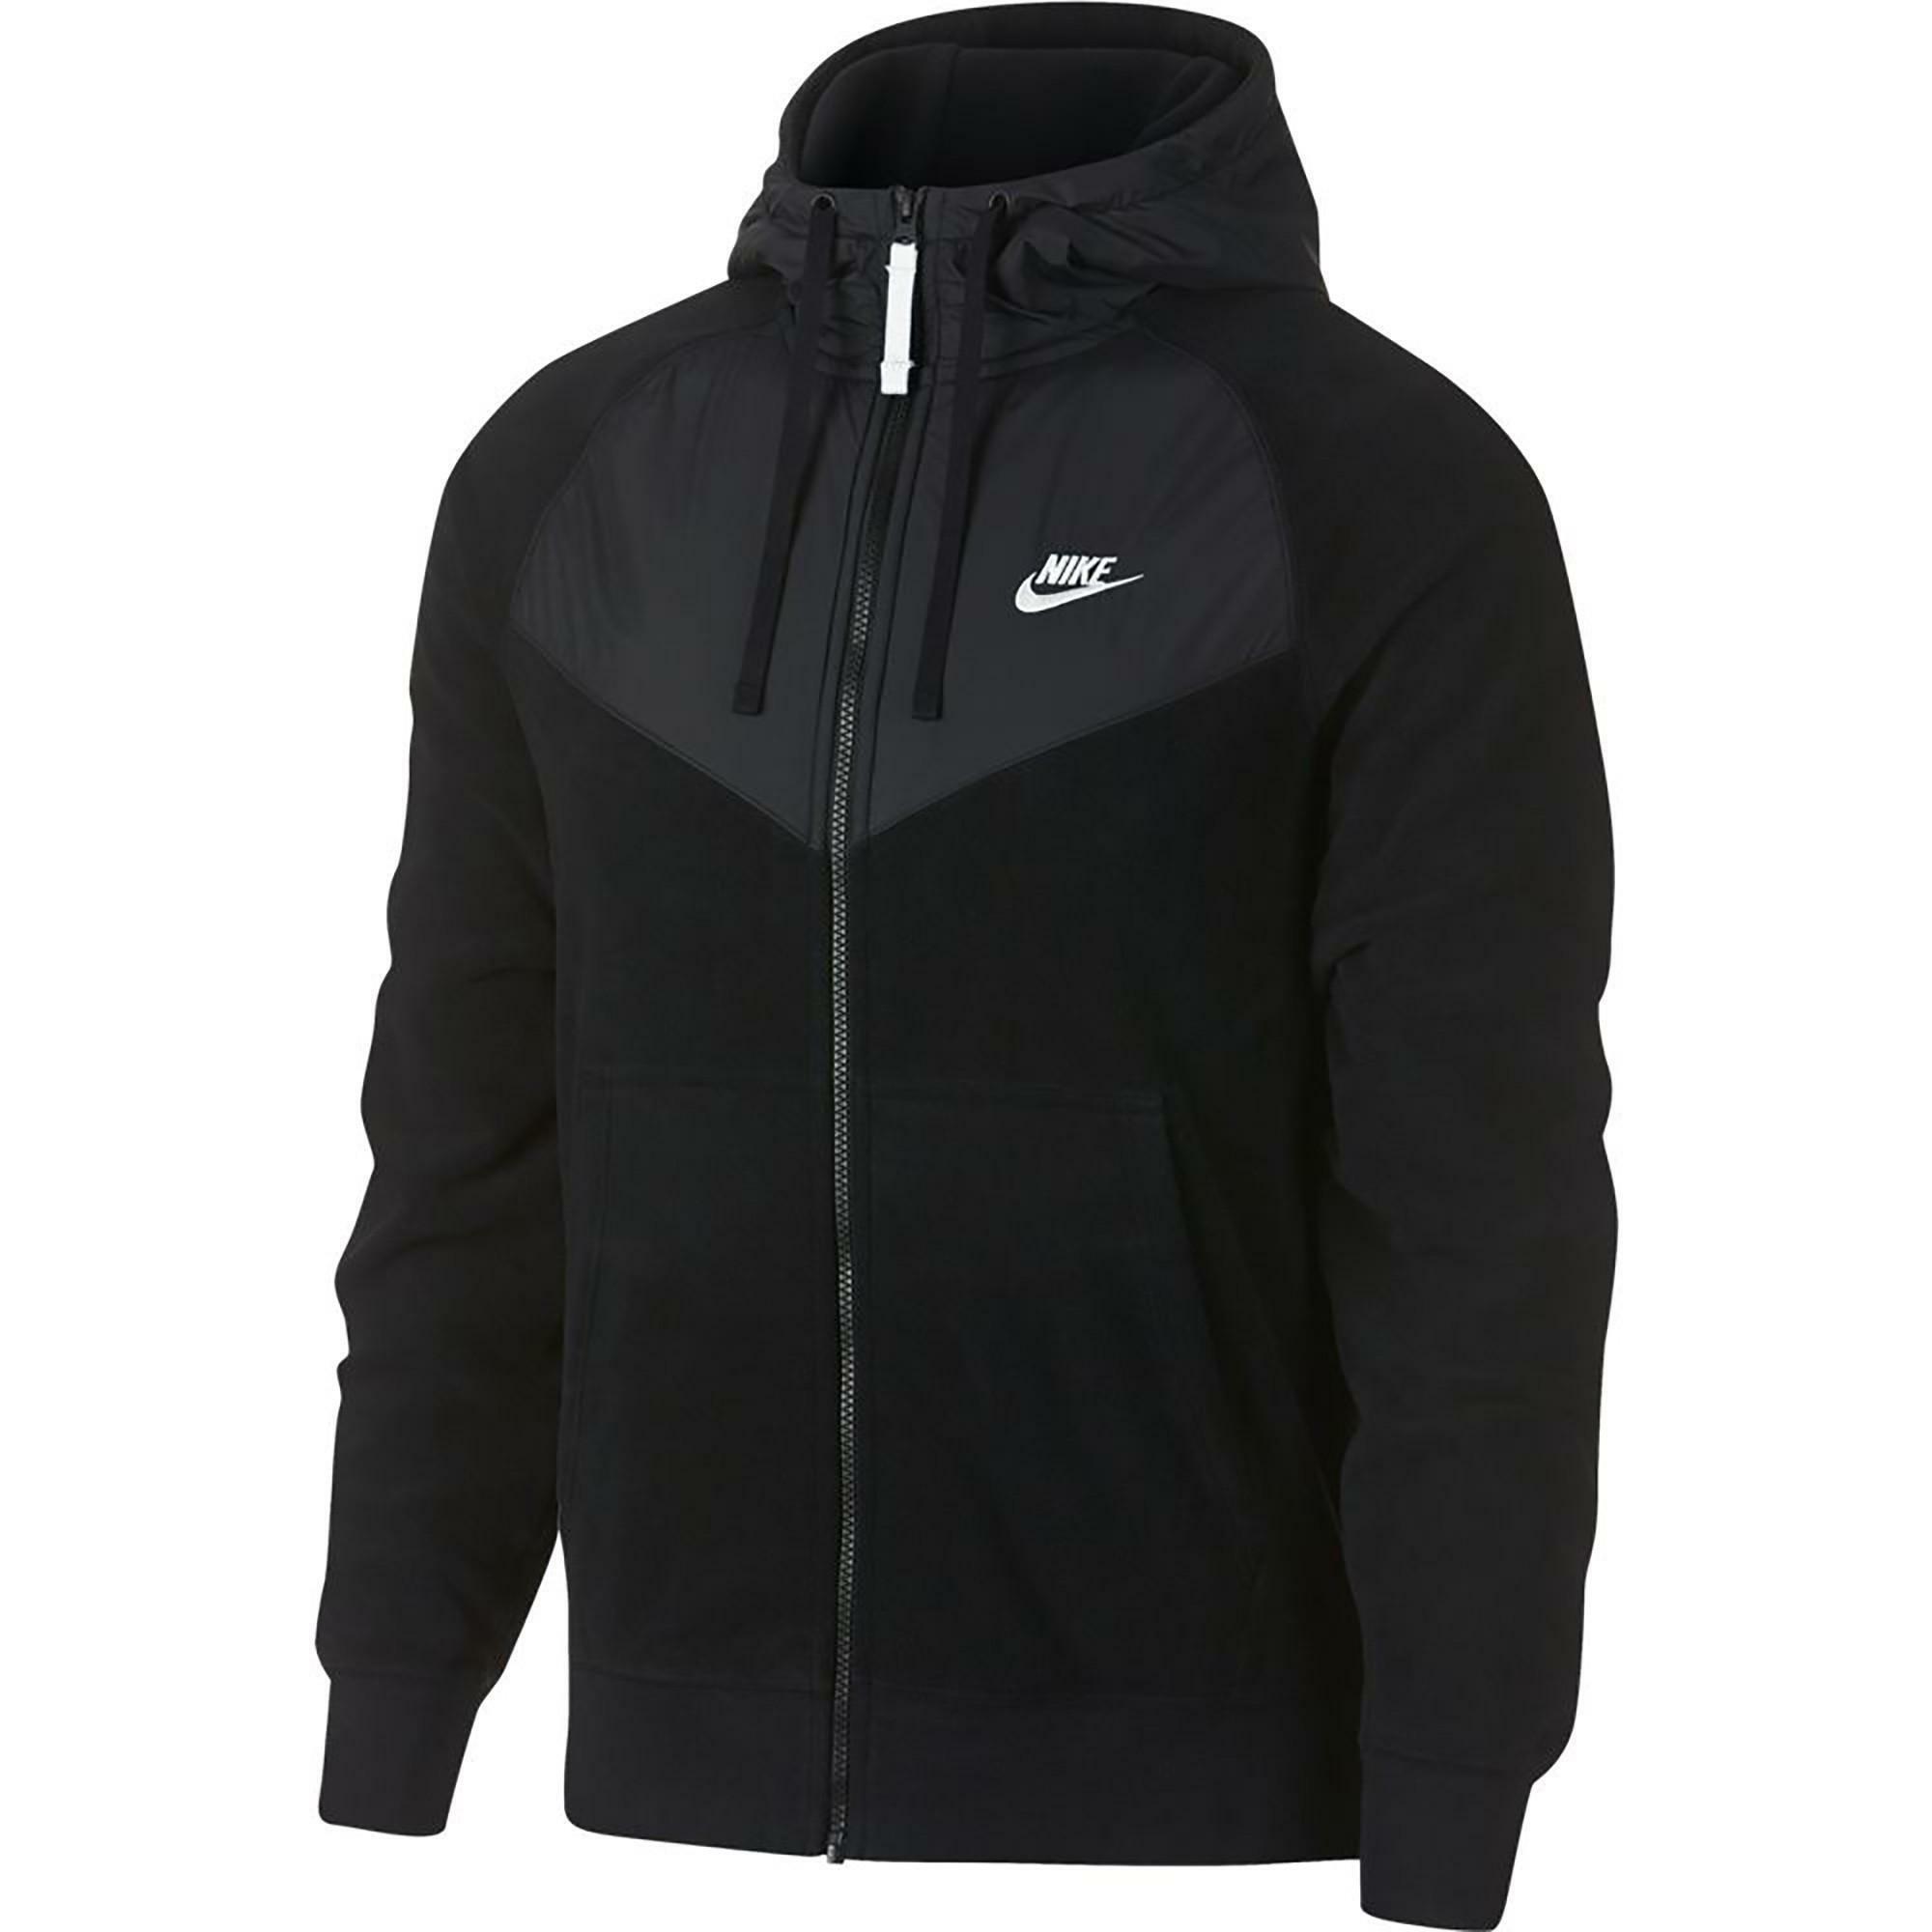 nike giacchetto in pile uomo nero 929114010